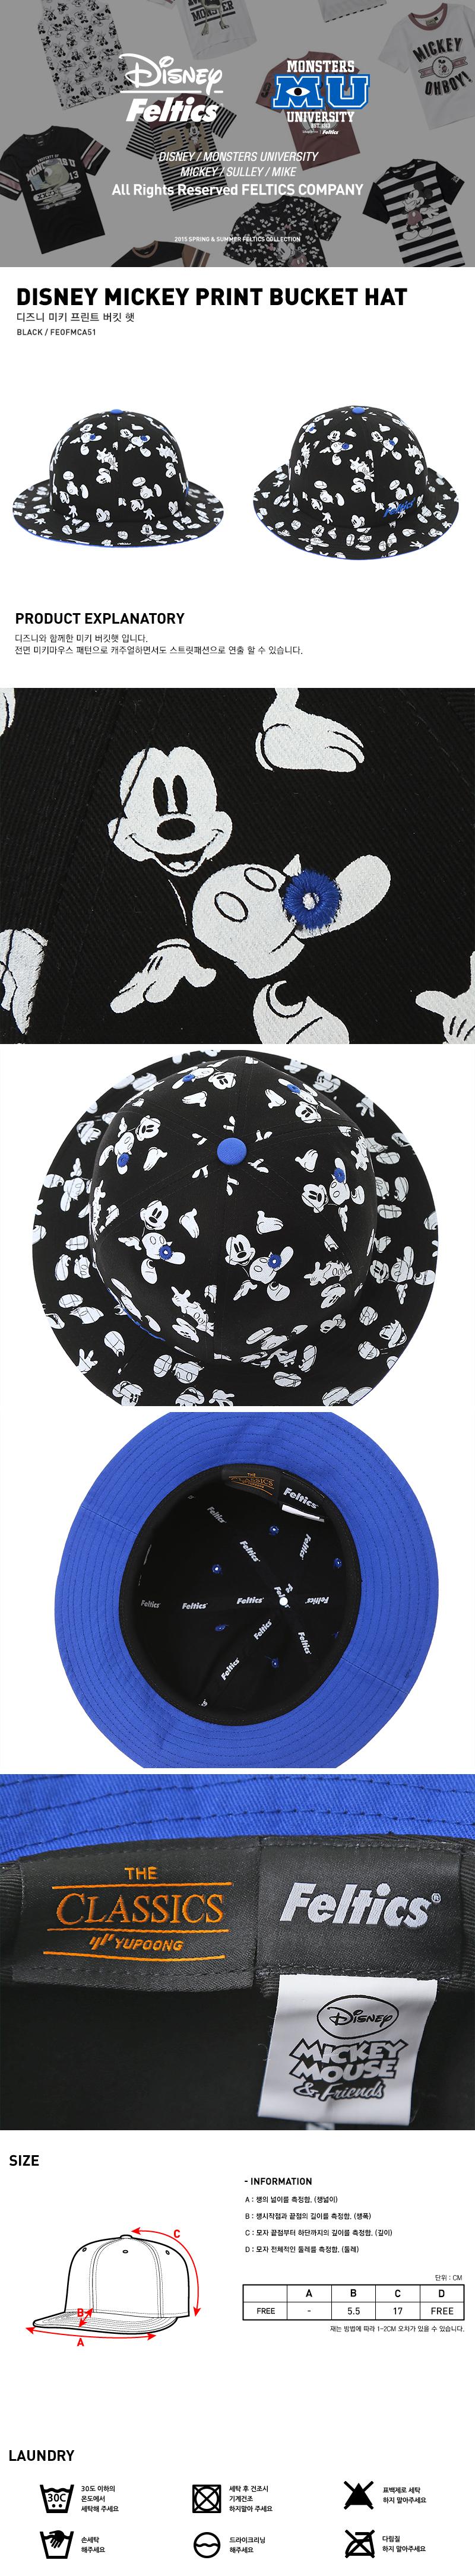 [ FELTICS ] [FELTICS] Mickey Print Bucket Hat Black (FEOFMCA51)